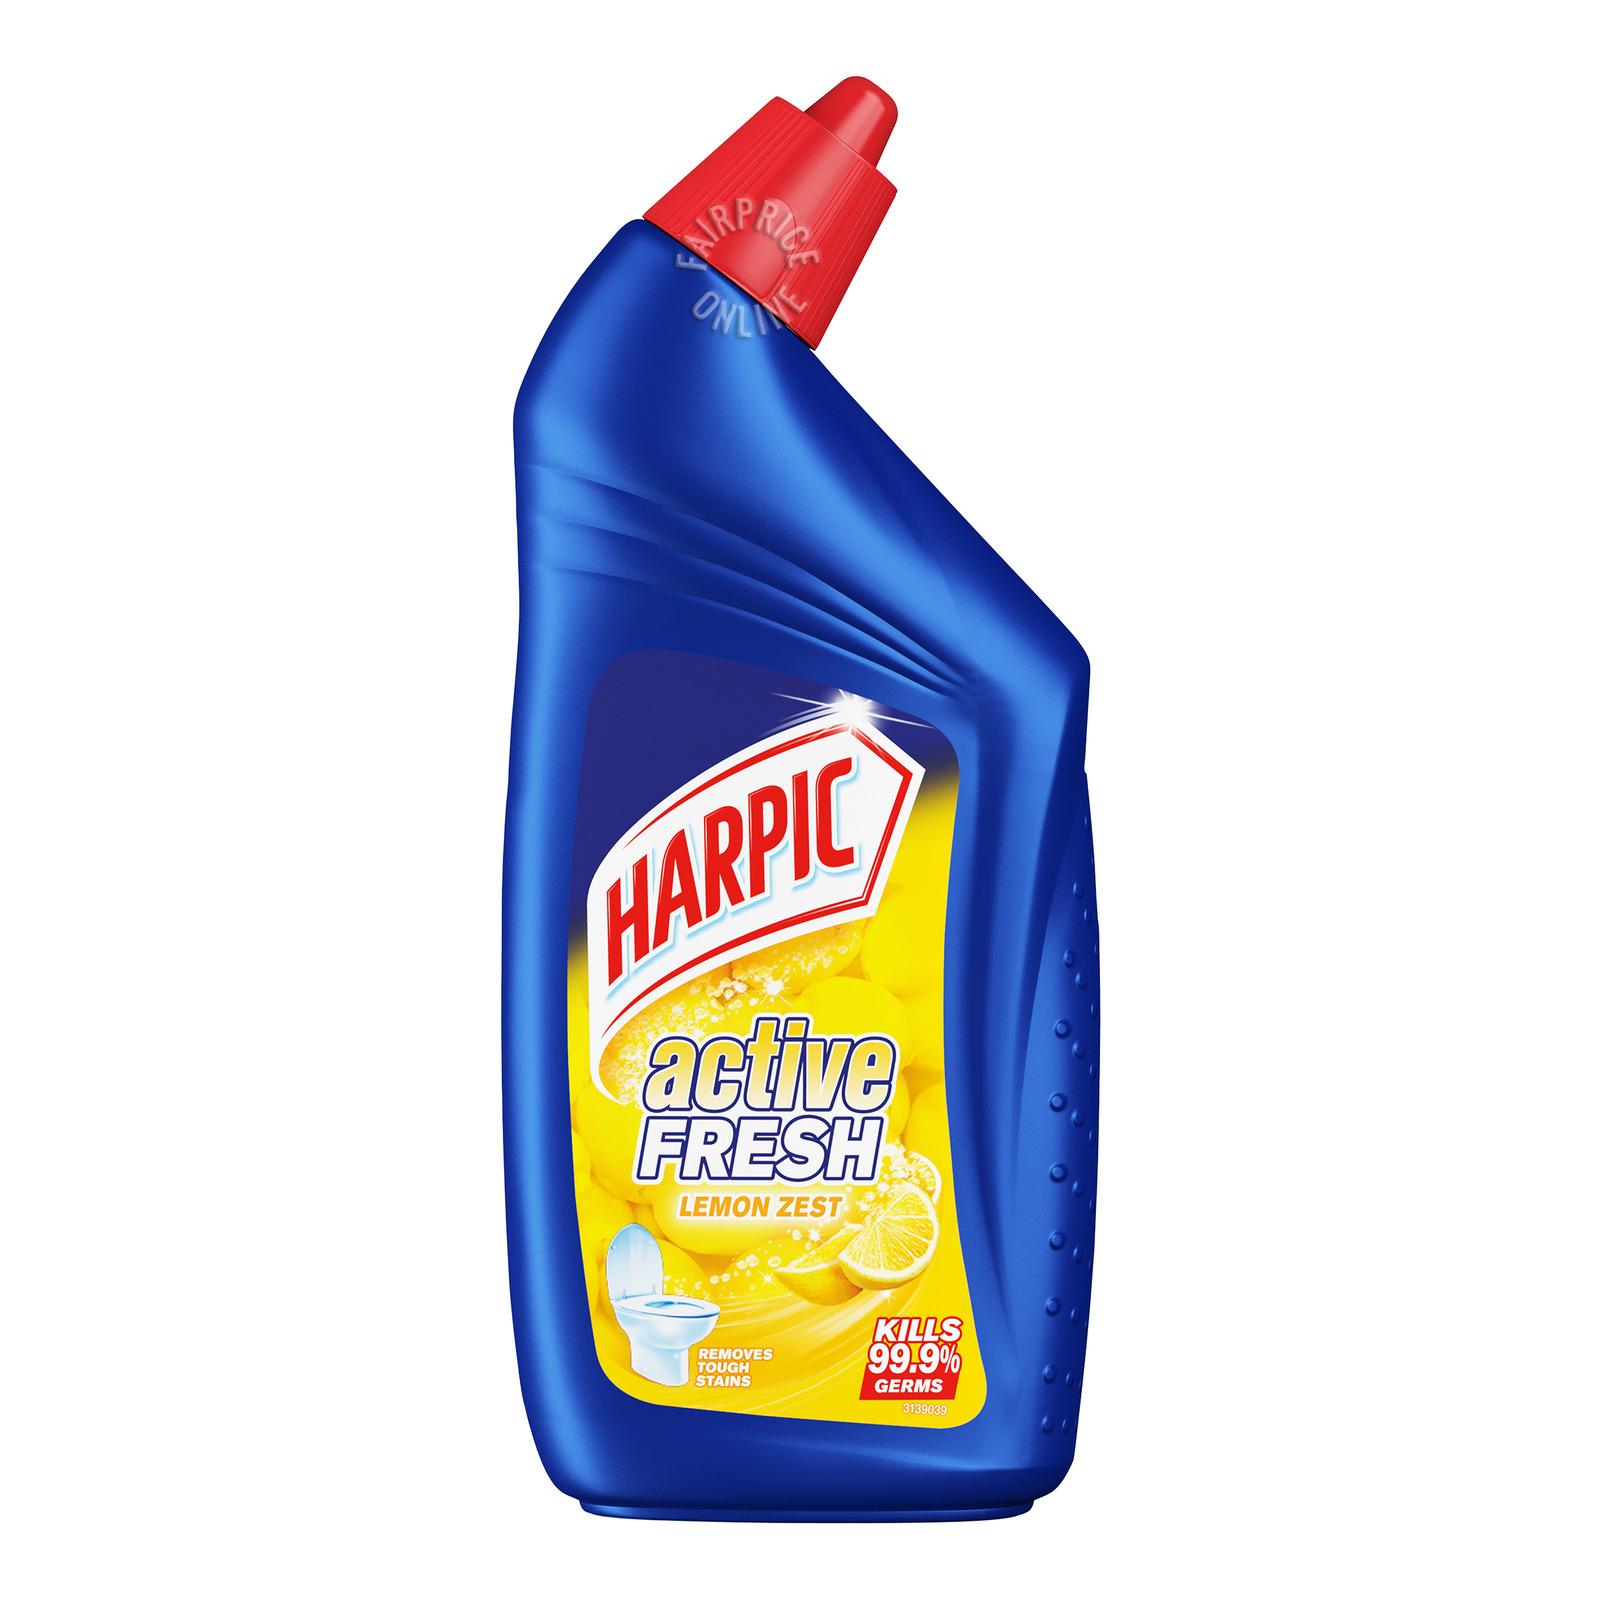 Harpic Active Cleaning Gel - Lemon Zest